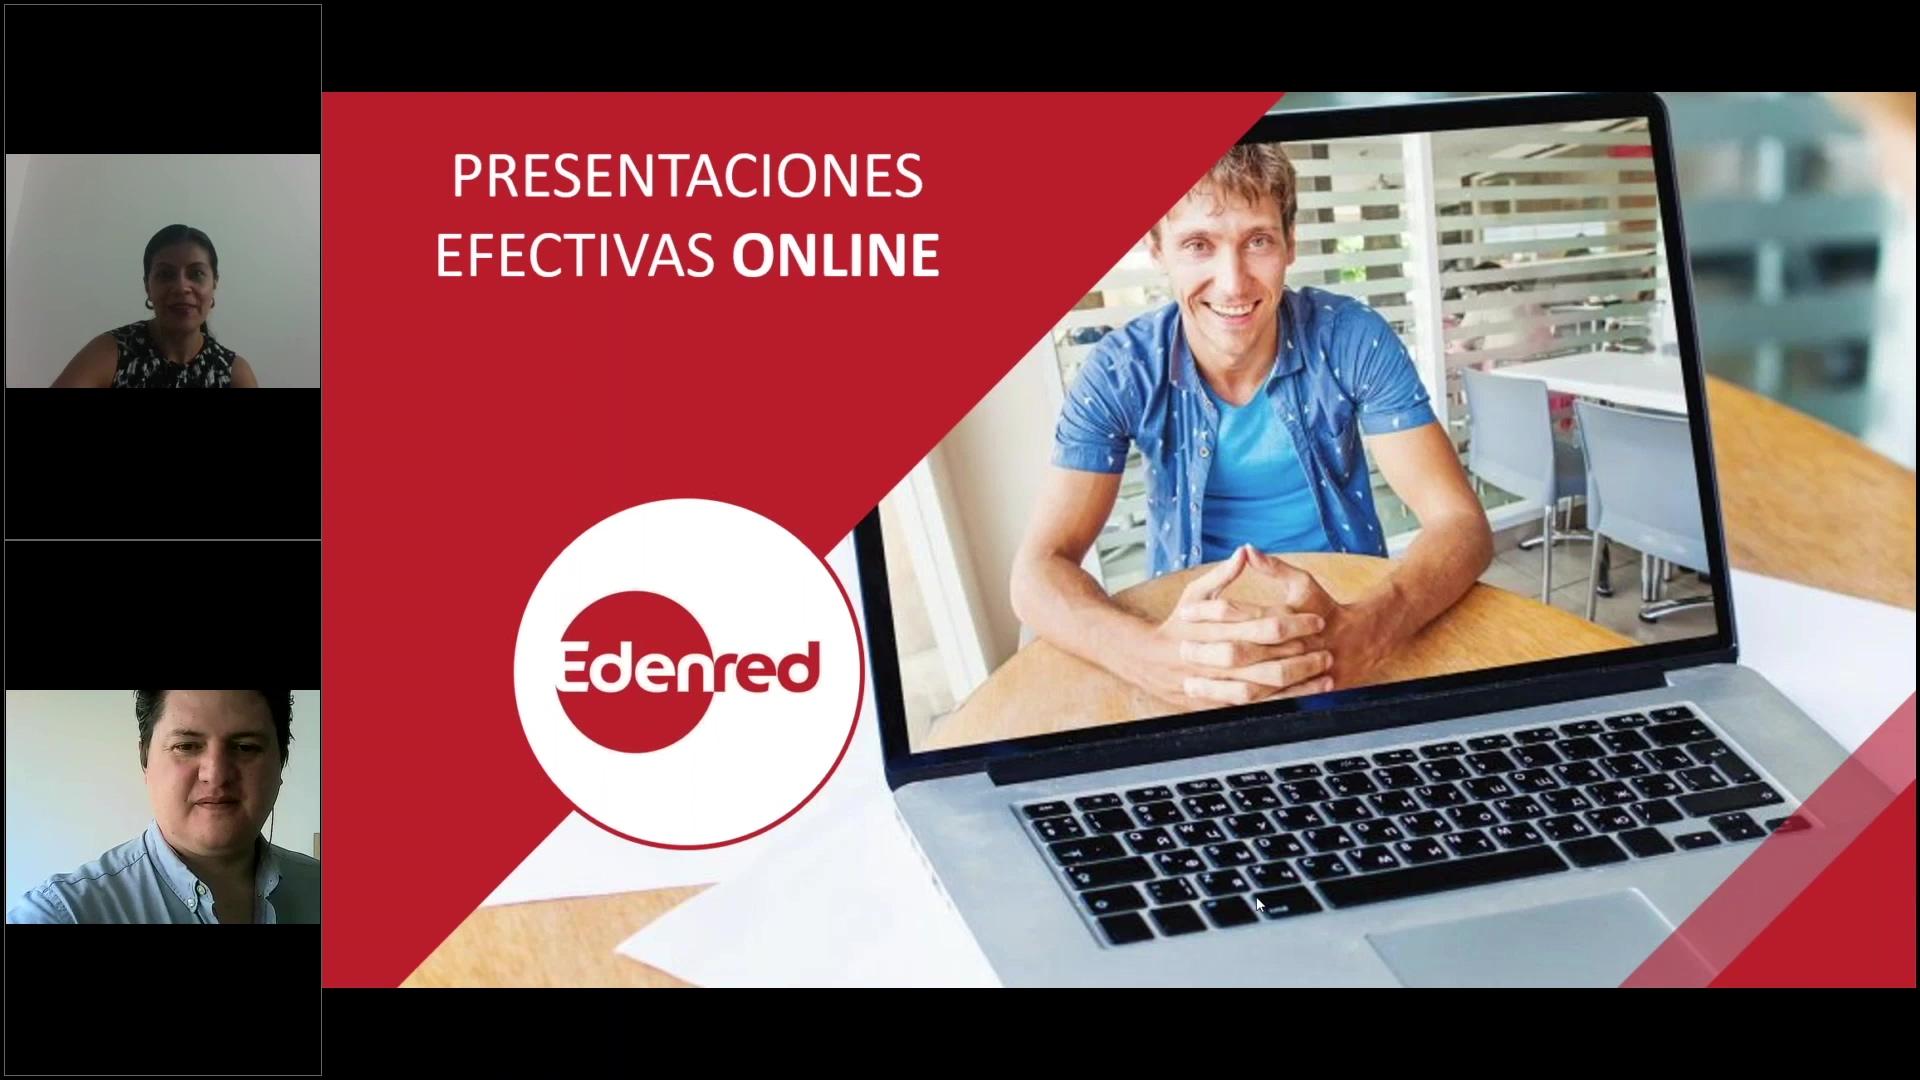 clip 43 webinar ¿Cómo realizar presentaciones efectivas de alto impacto vía online?